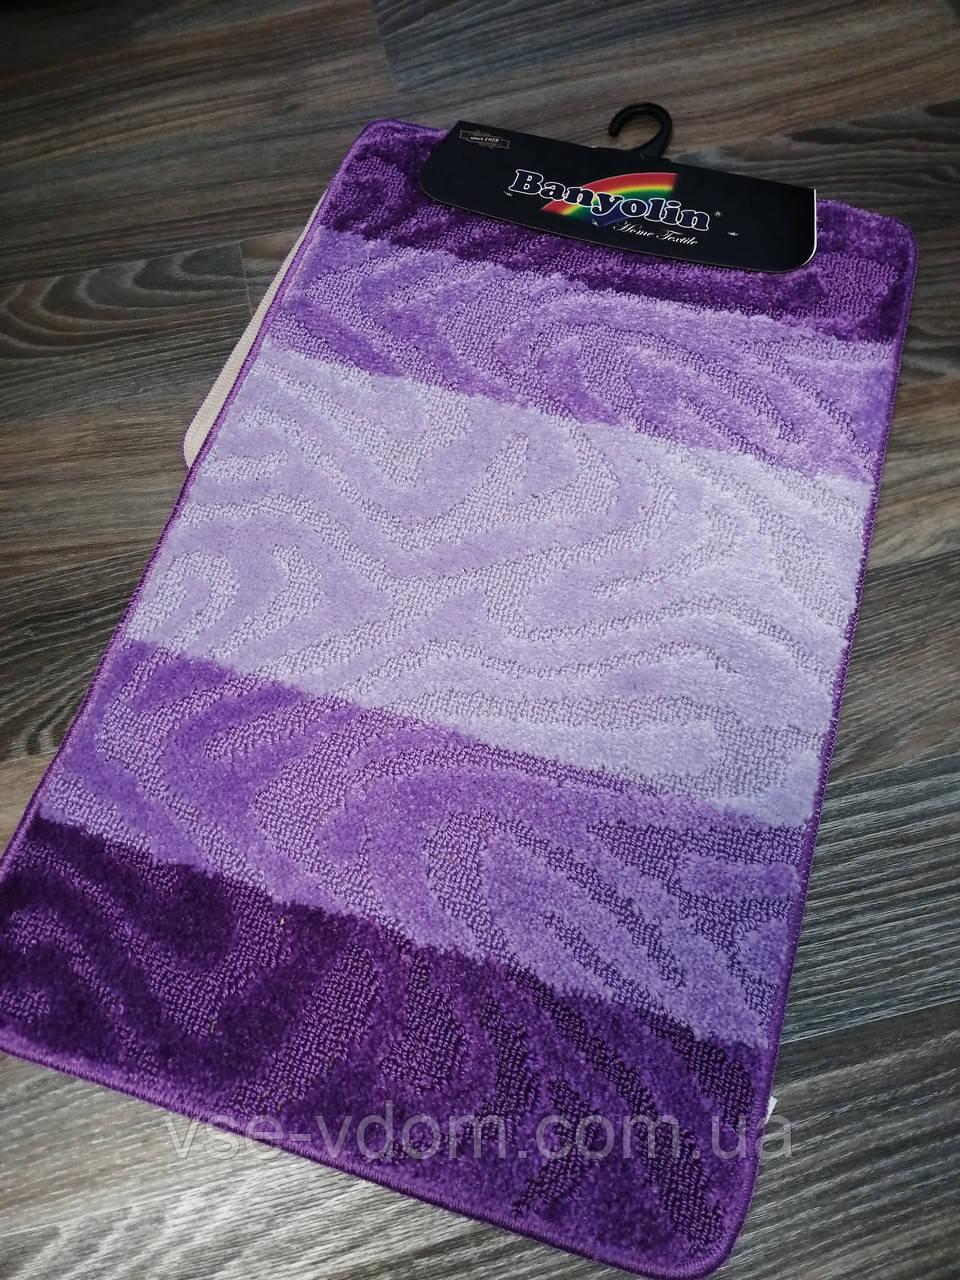 Набор ковриков для ванной комнаты Banyolin фиолетовый 80*50 см